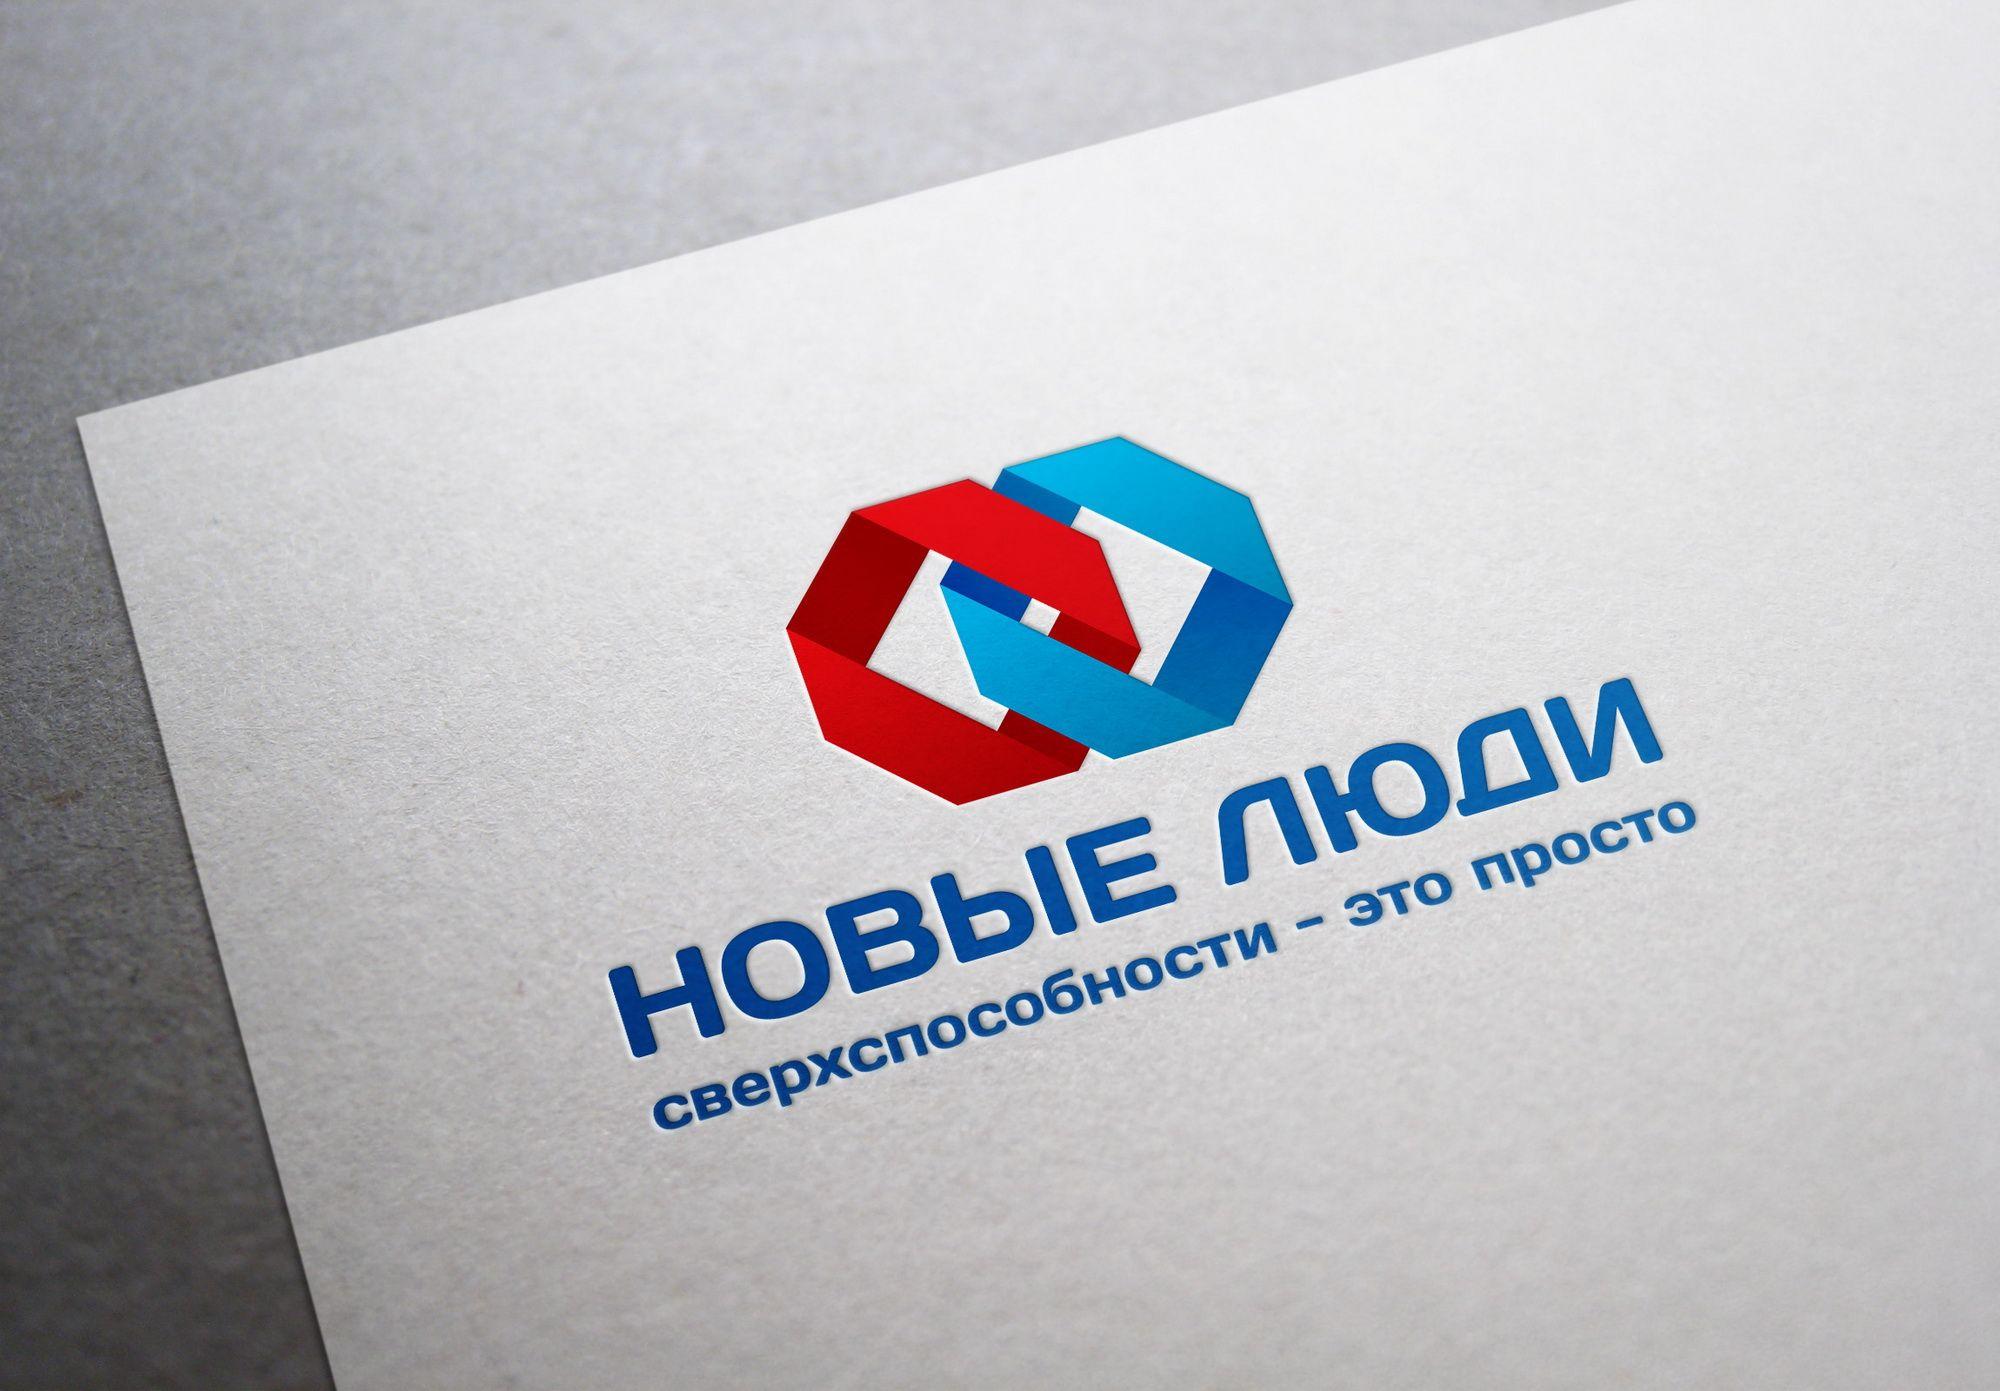 Лого и стиль тренингового центра/системы знаний - дизайнер 25angel05